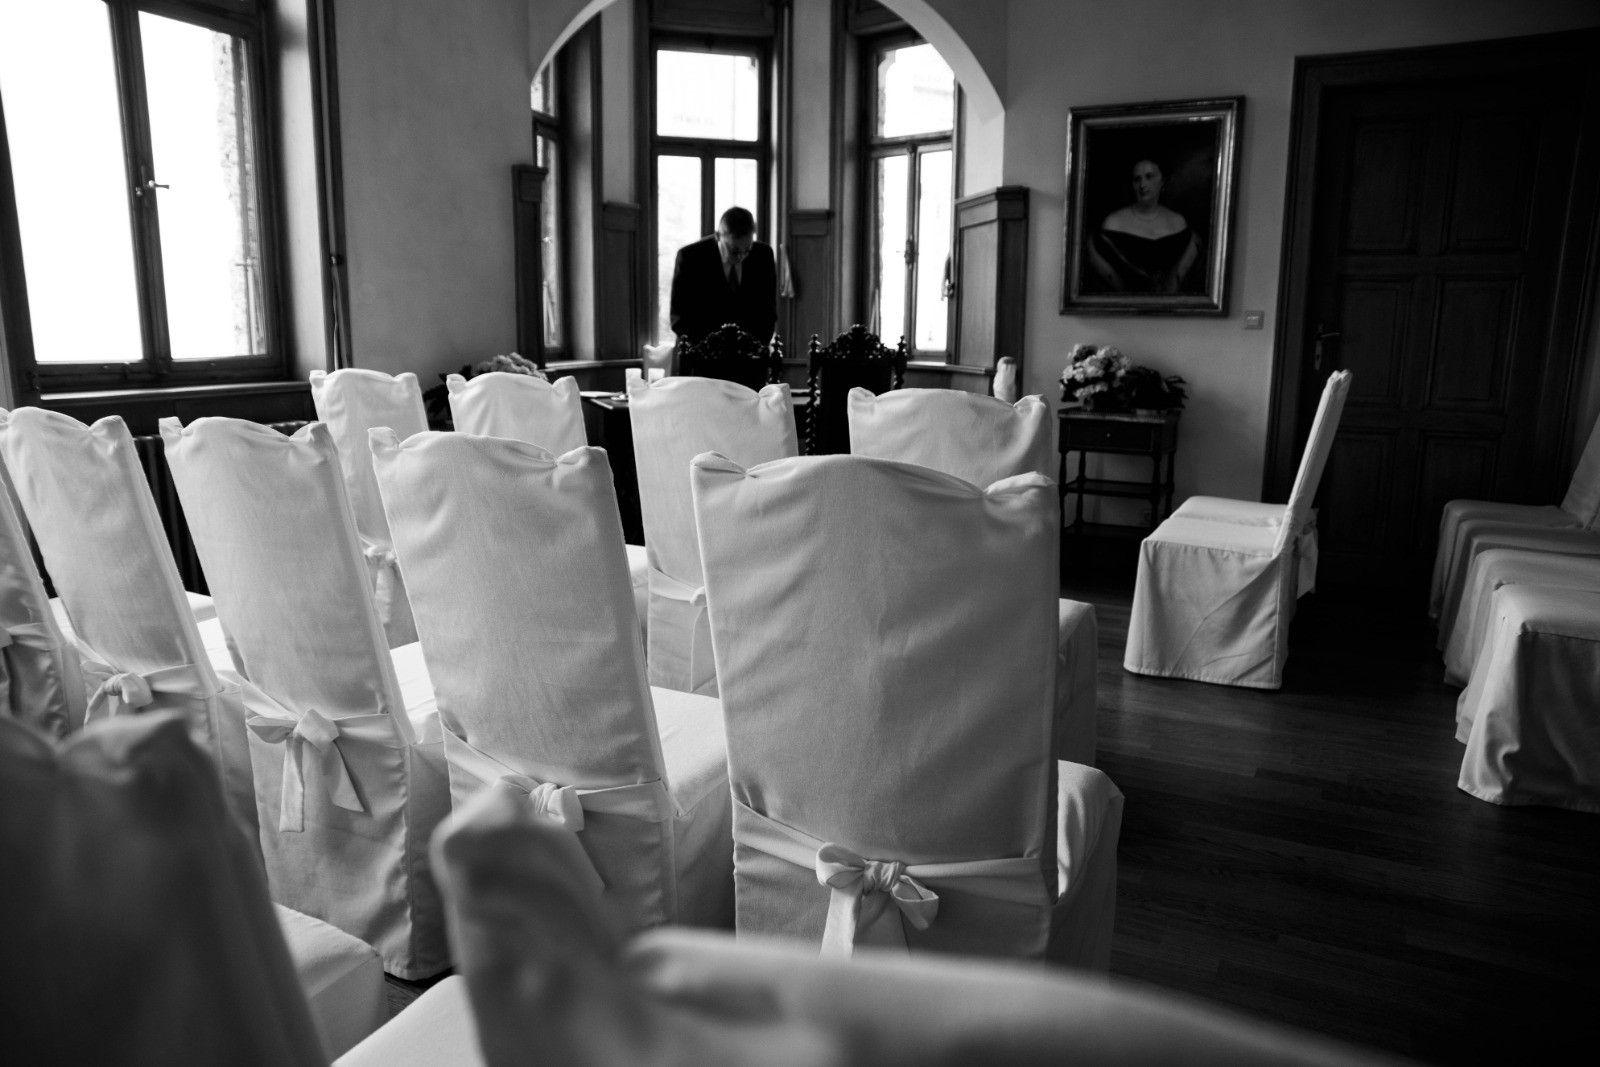 Hochzeit Trauung Auf Dem Schloss Lichtenstein Schloss Lichtenstein Hochzeit Trauung